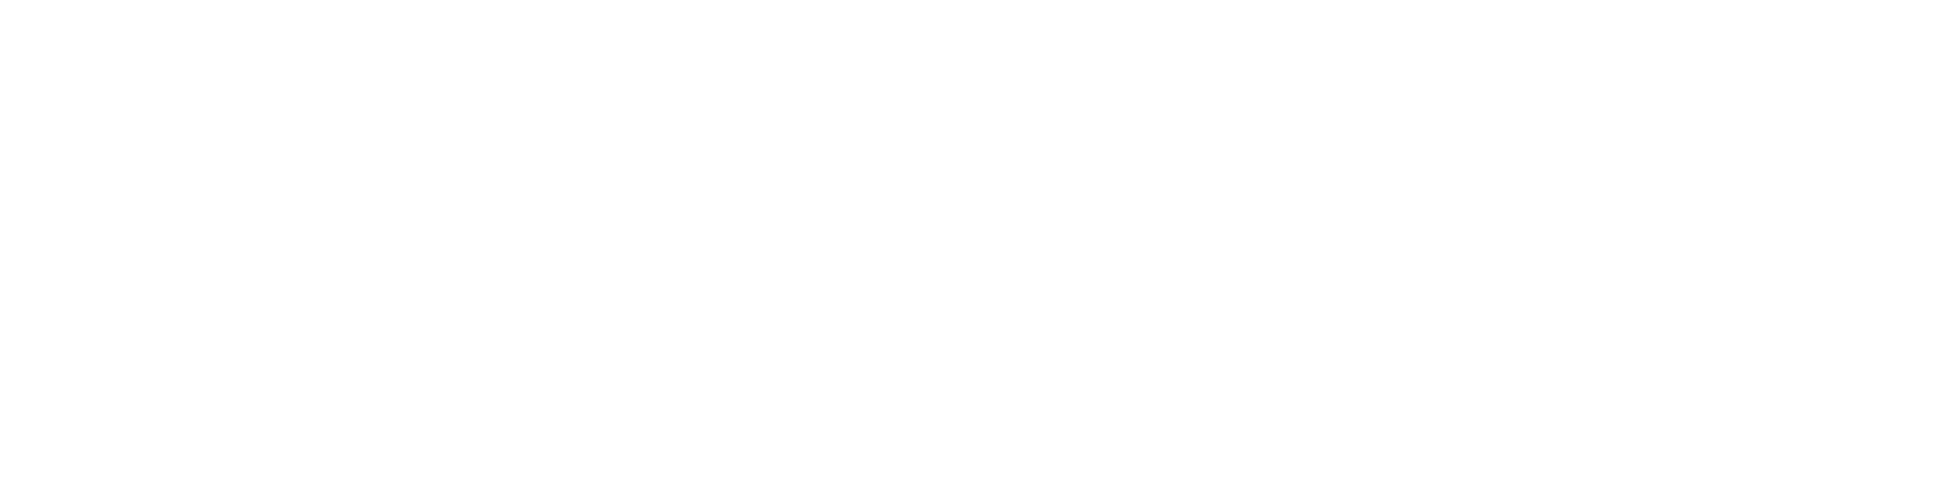 Acoustics Associates Logo White